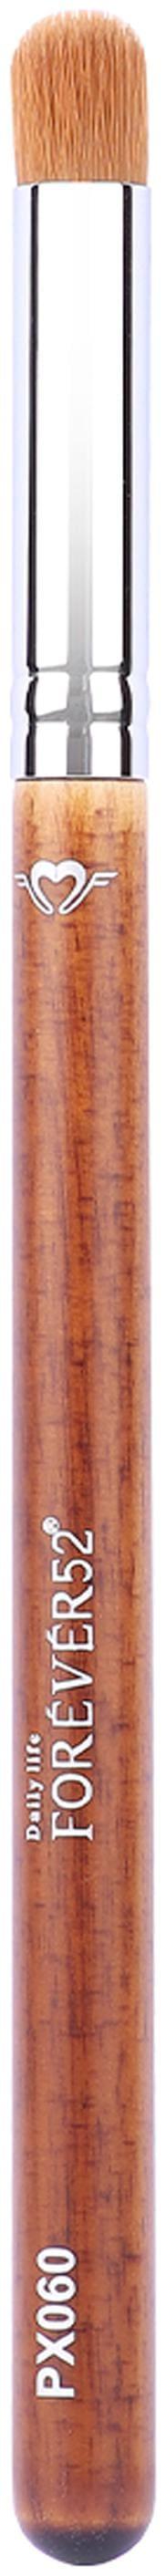 Daily Life Forever52 Domed Blending Brush PX060